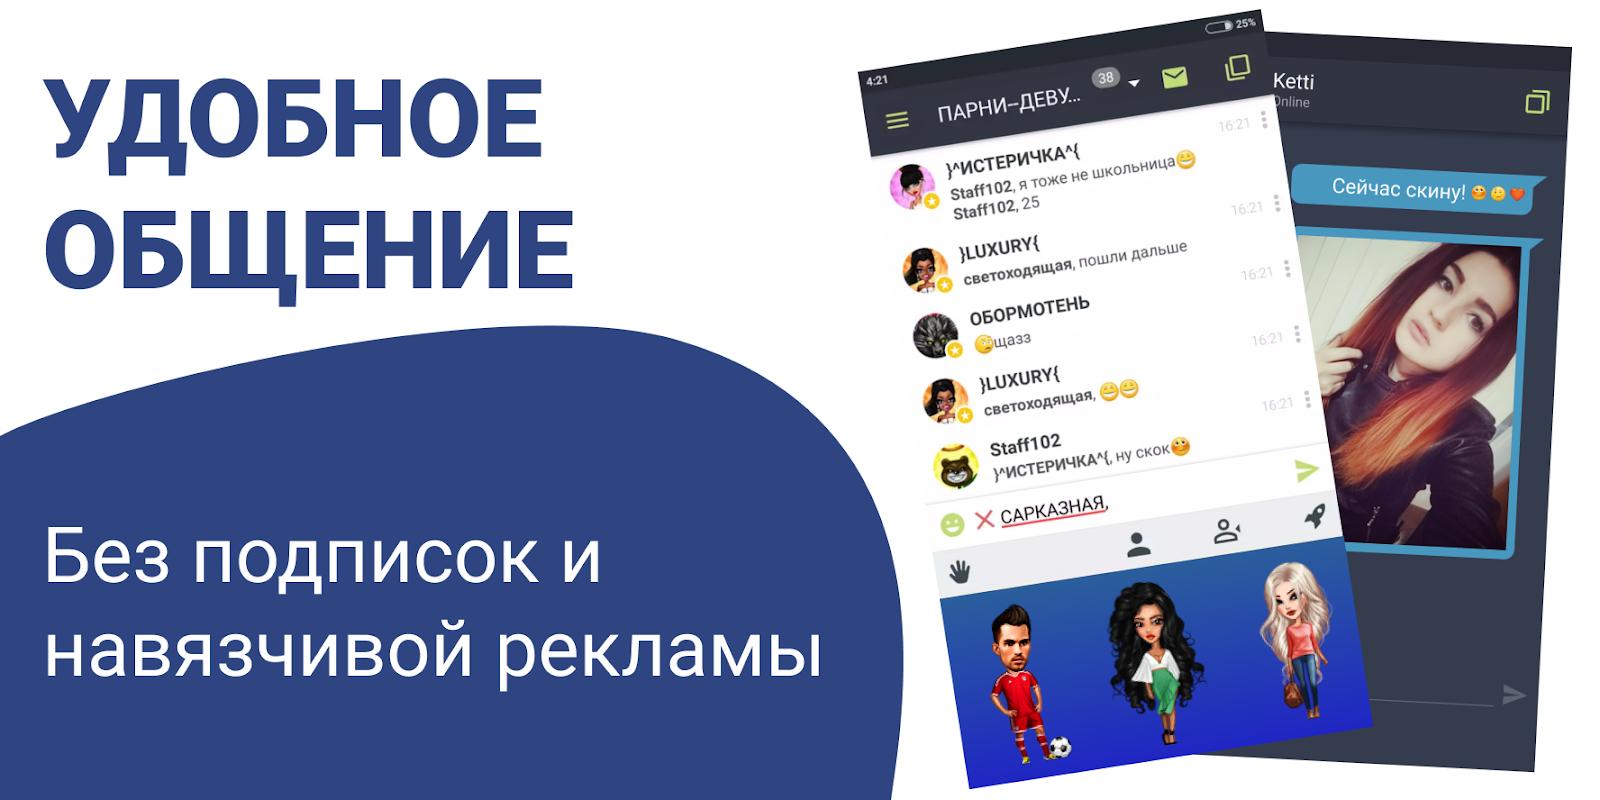 общение онлайн для знакомства